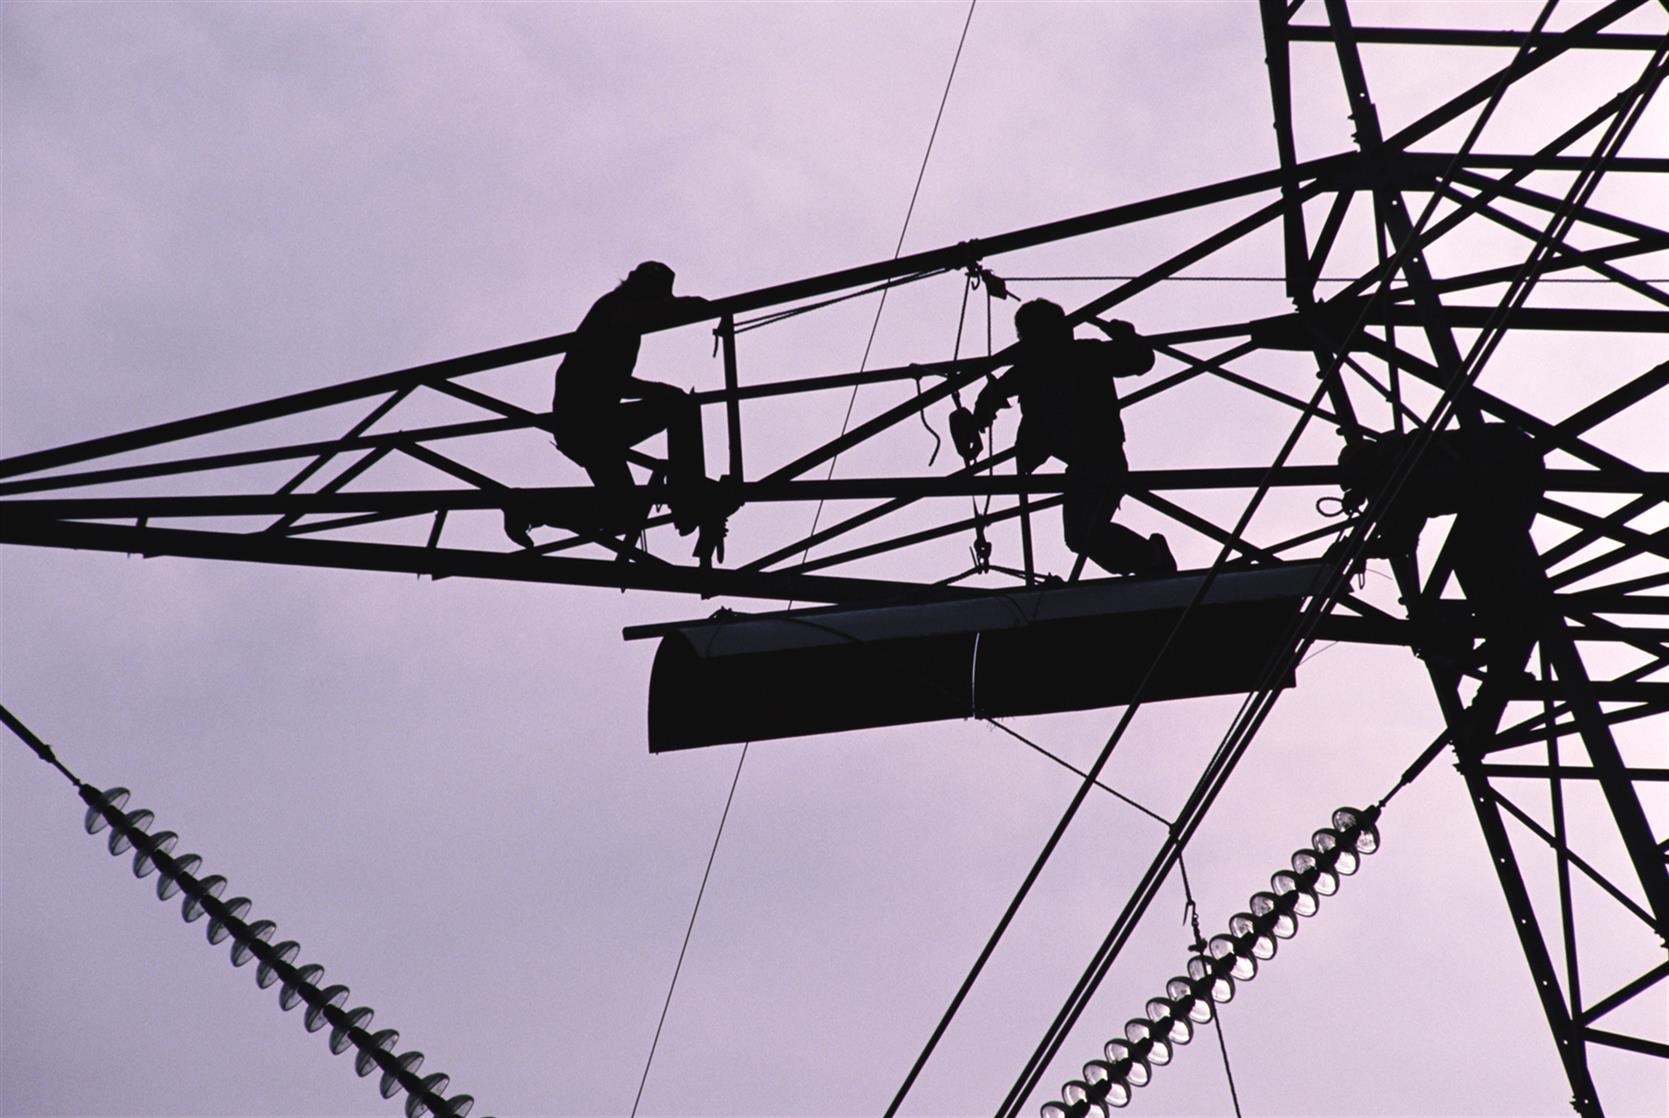 阿壩醫院電工資格培訓5級可以干嘛